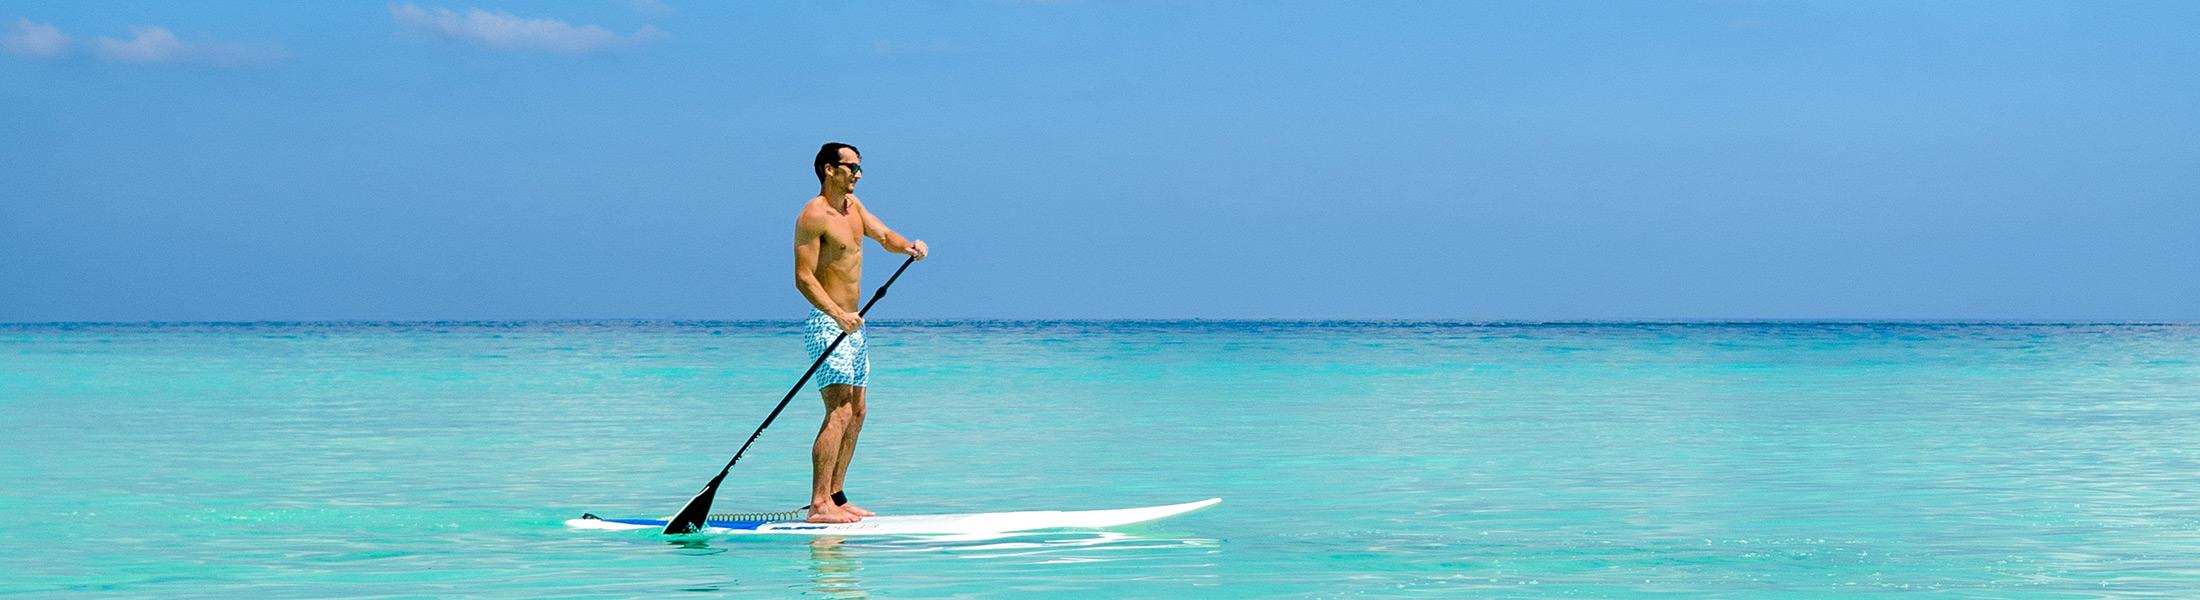 Man paddle boarding at One&Only Reethi Rah